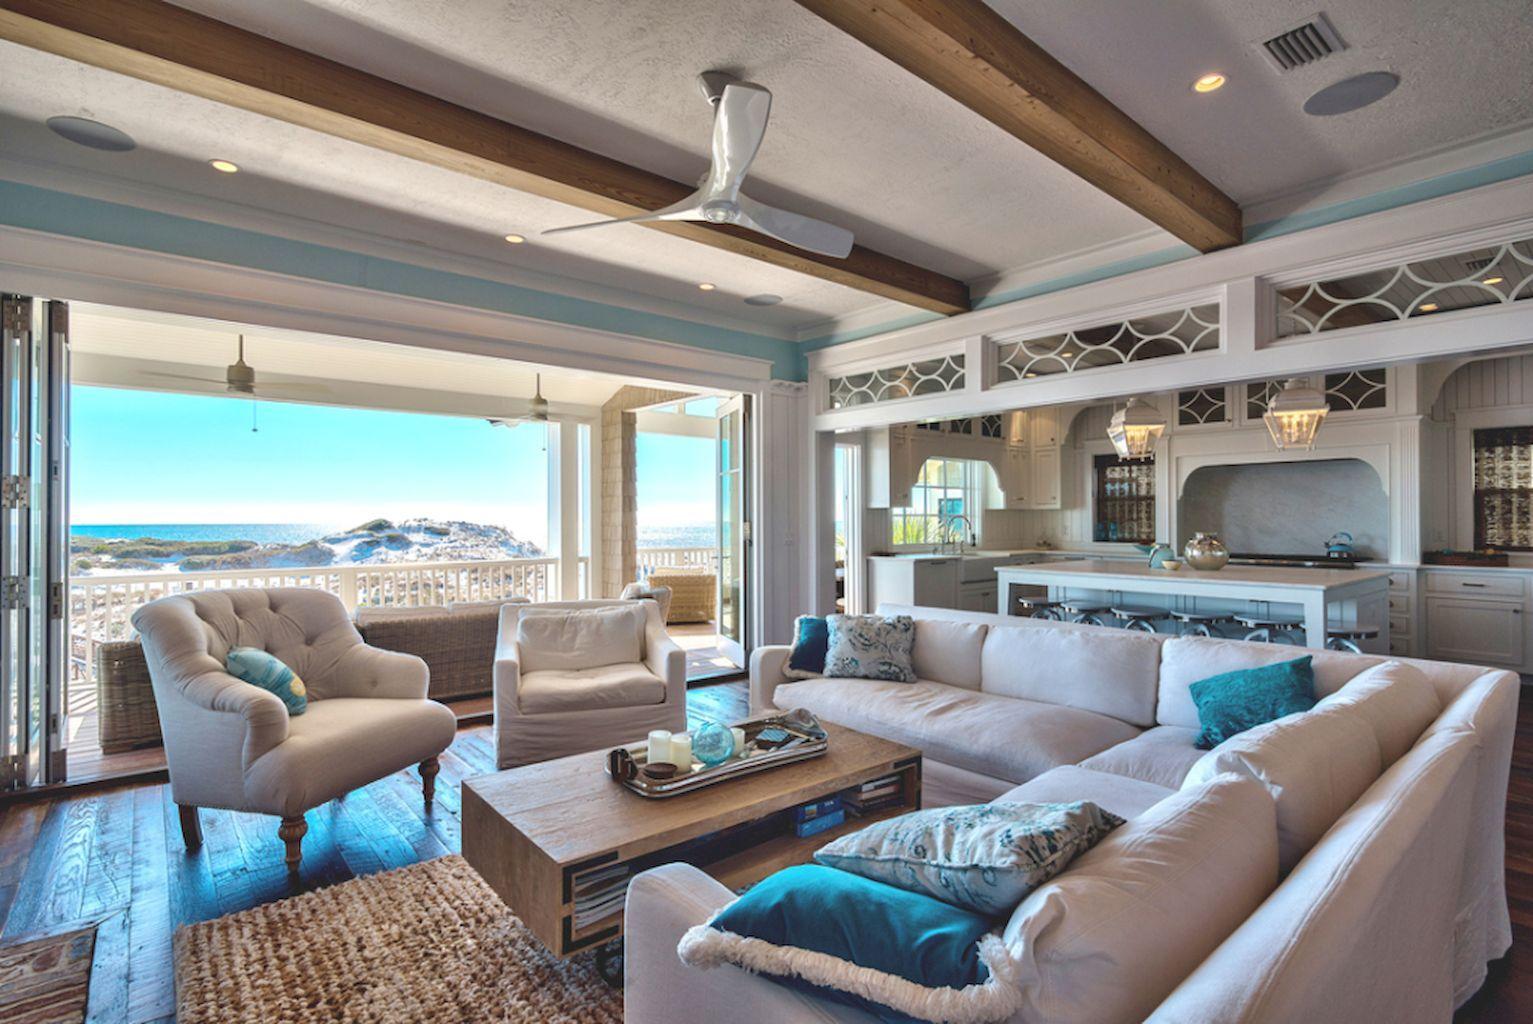 45 Wonderful Coastal Living Room Decor Ideas #coastallivingrooms